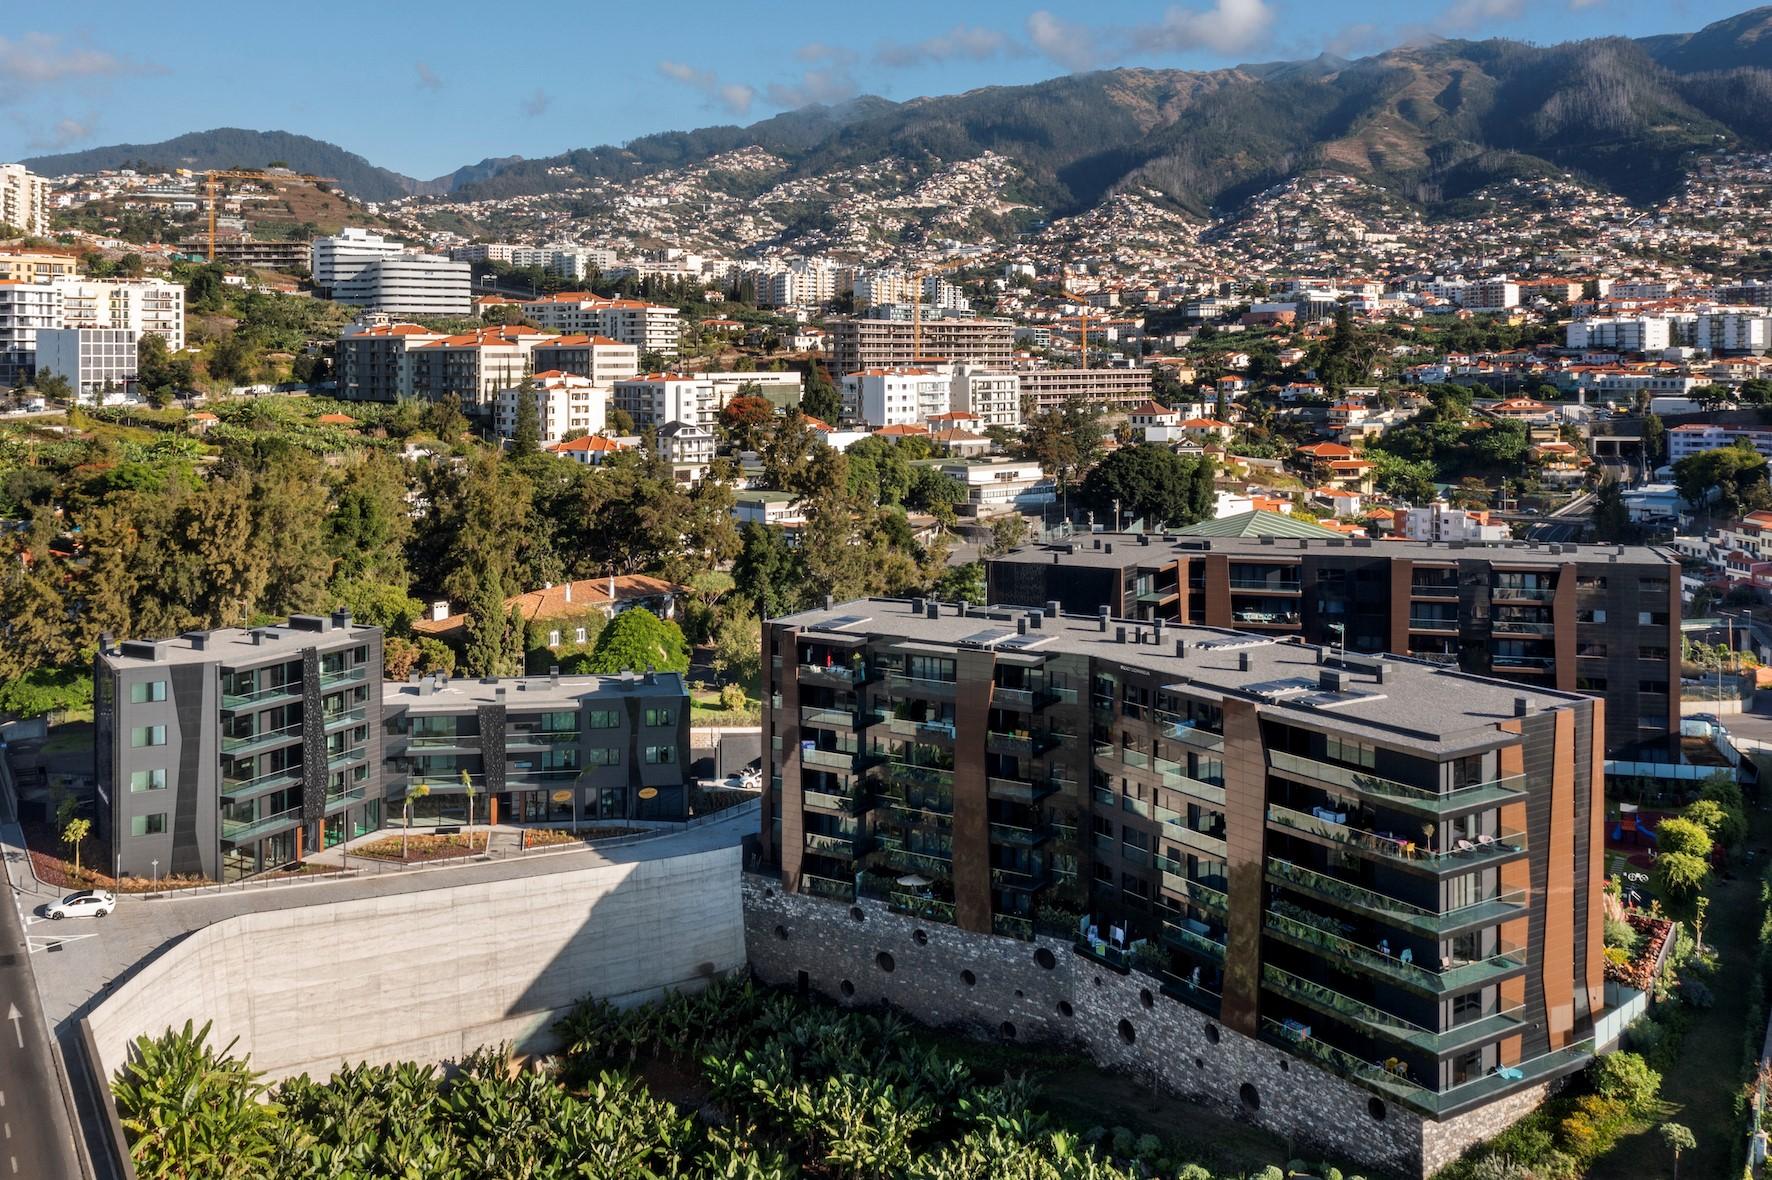 Socicorreia aposta na Madeira: conclui obra de 26 milhões e inicia novo projeto